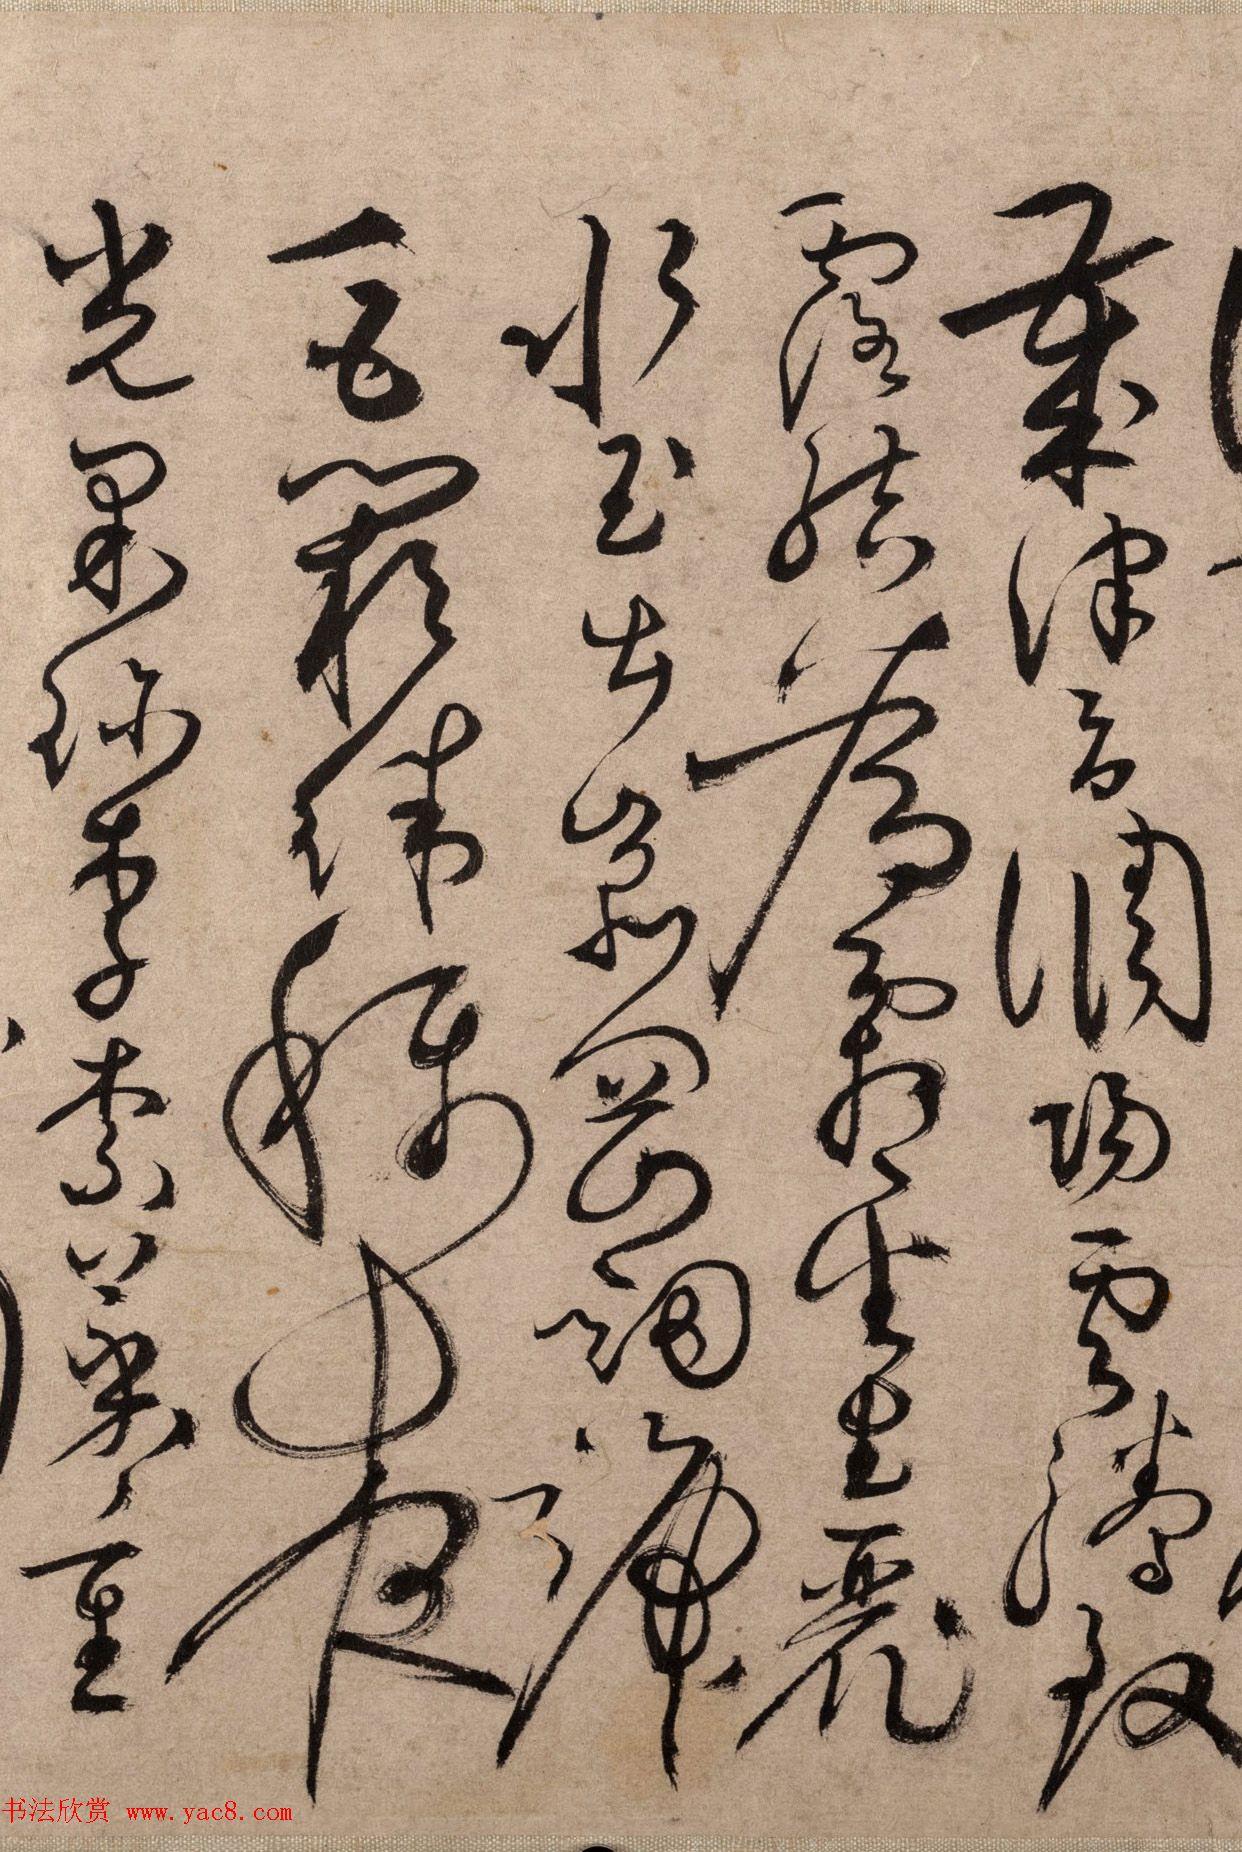 明代书法家张弼草书欣赏《千字文》手卷